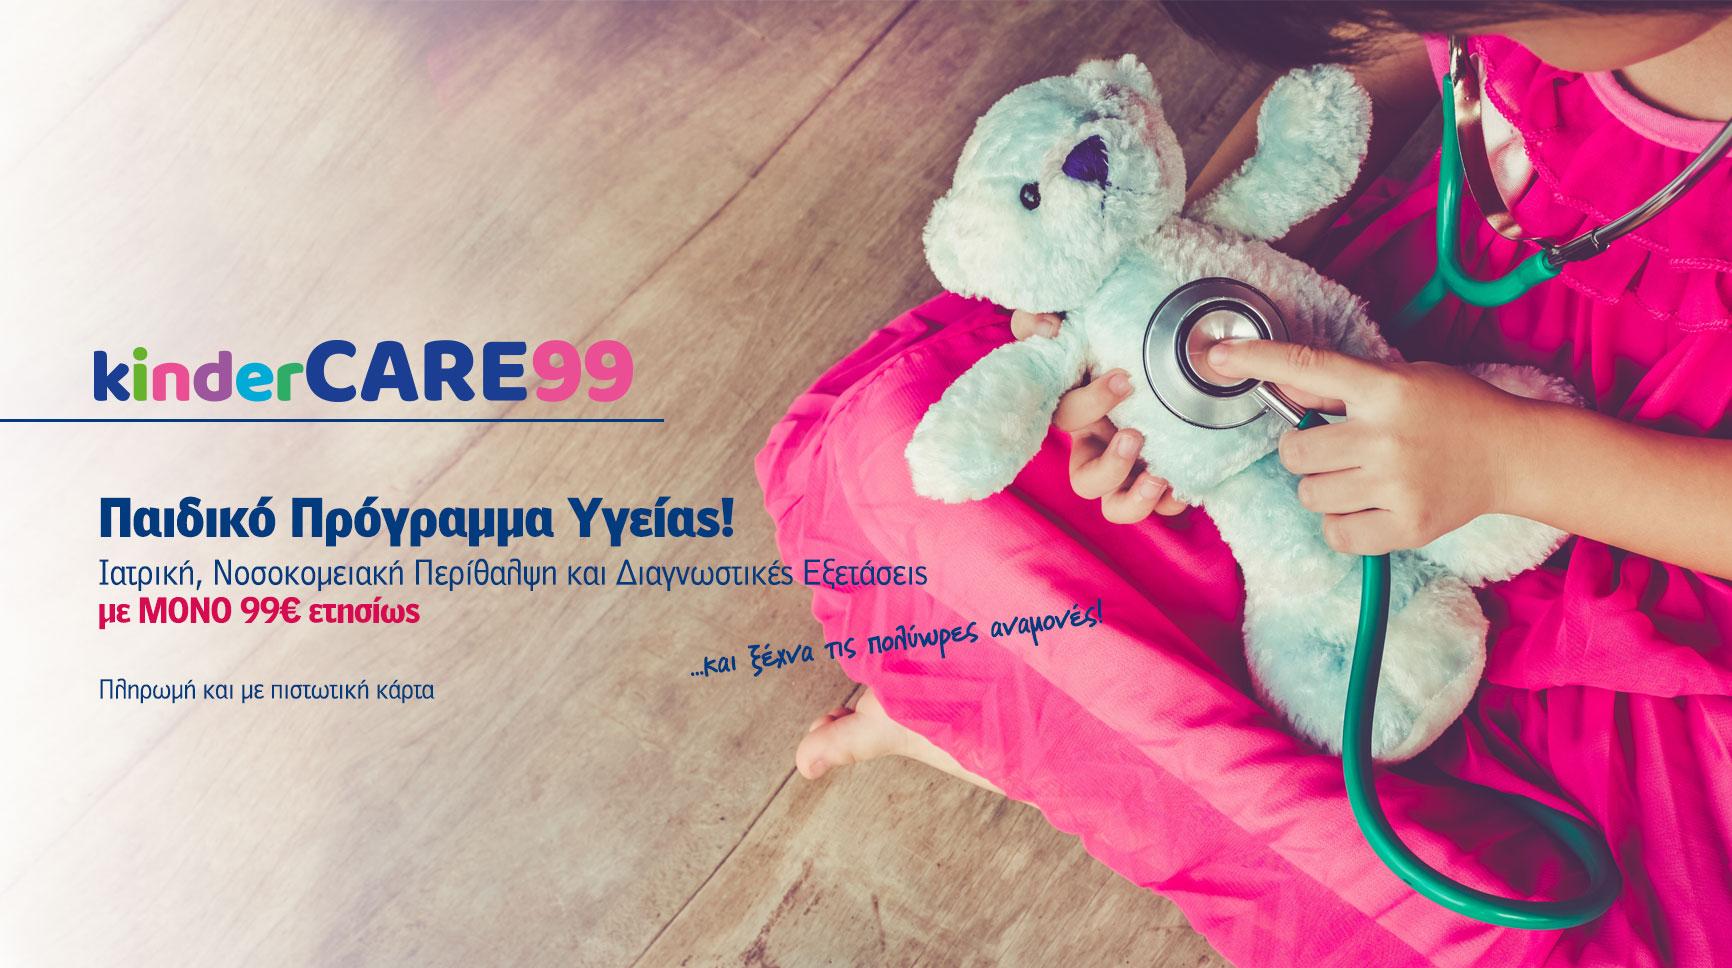 Παιδιατρικό πρόγραμμα υγείας kindercare99